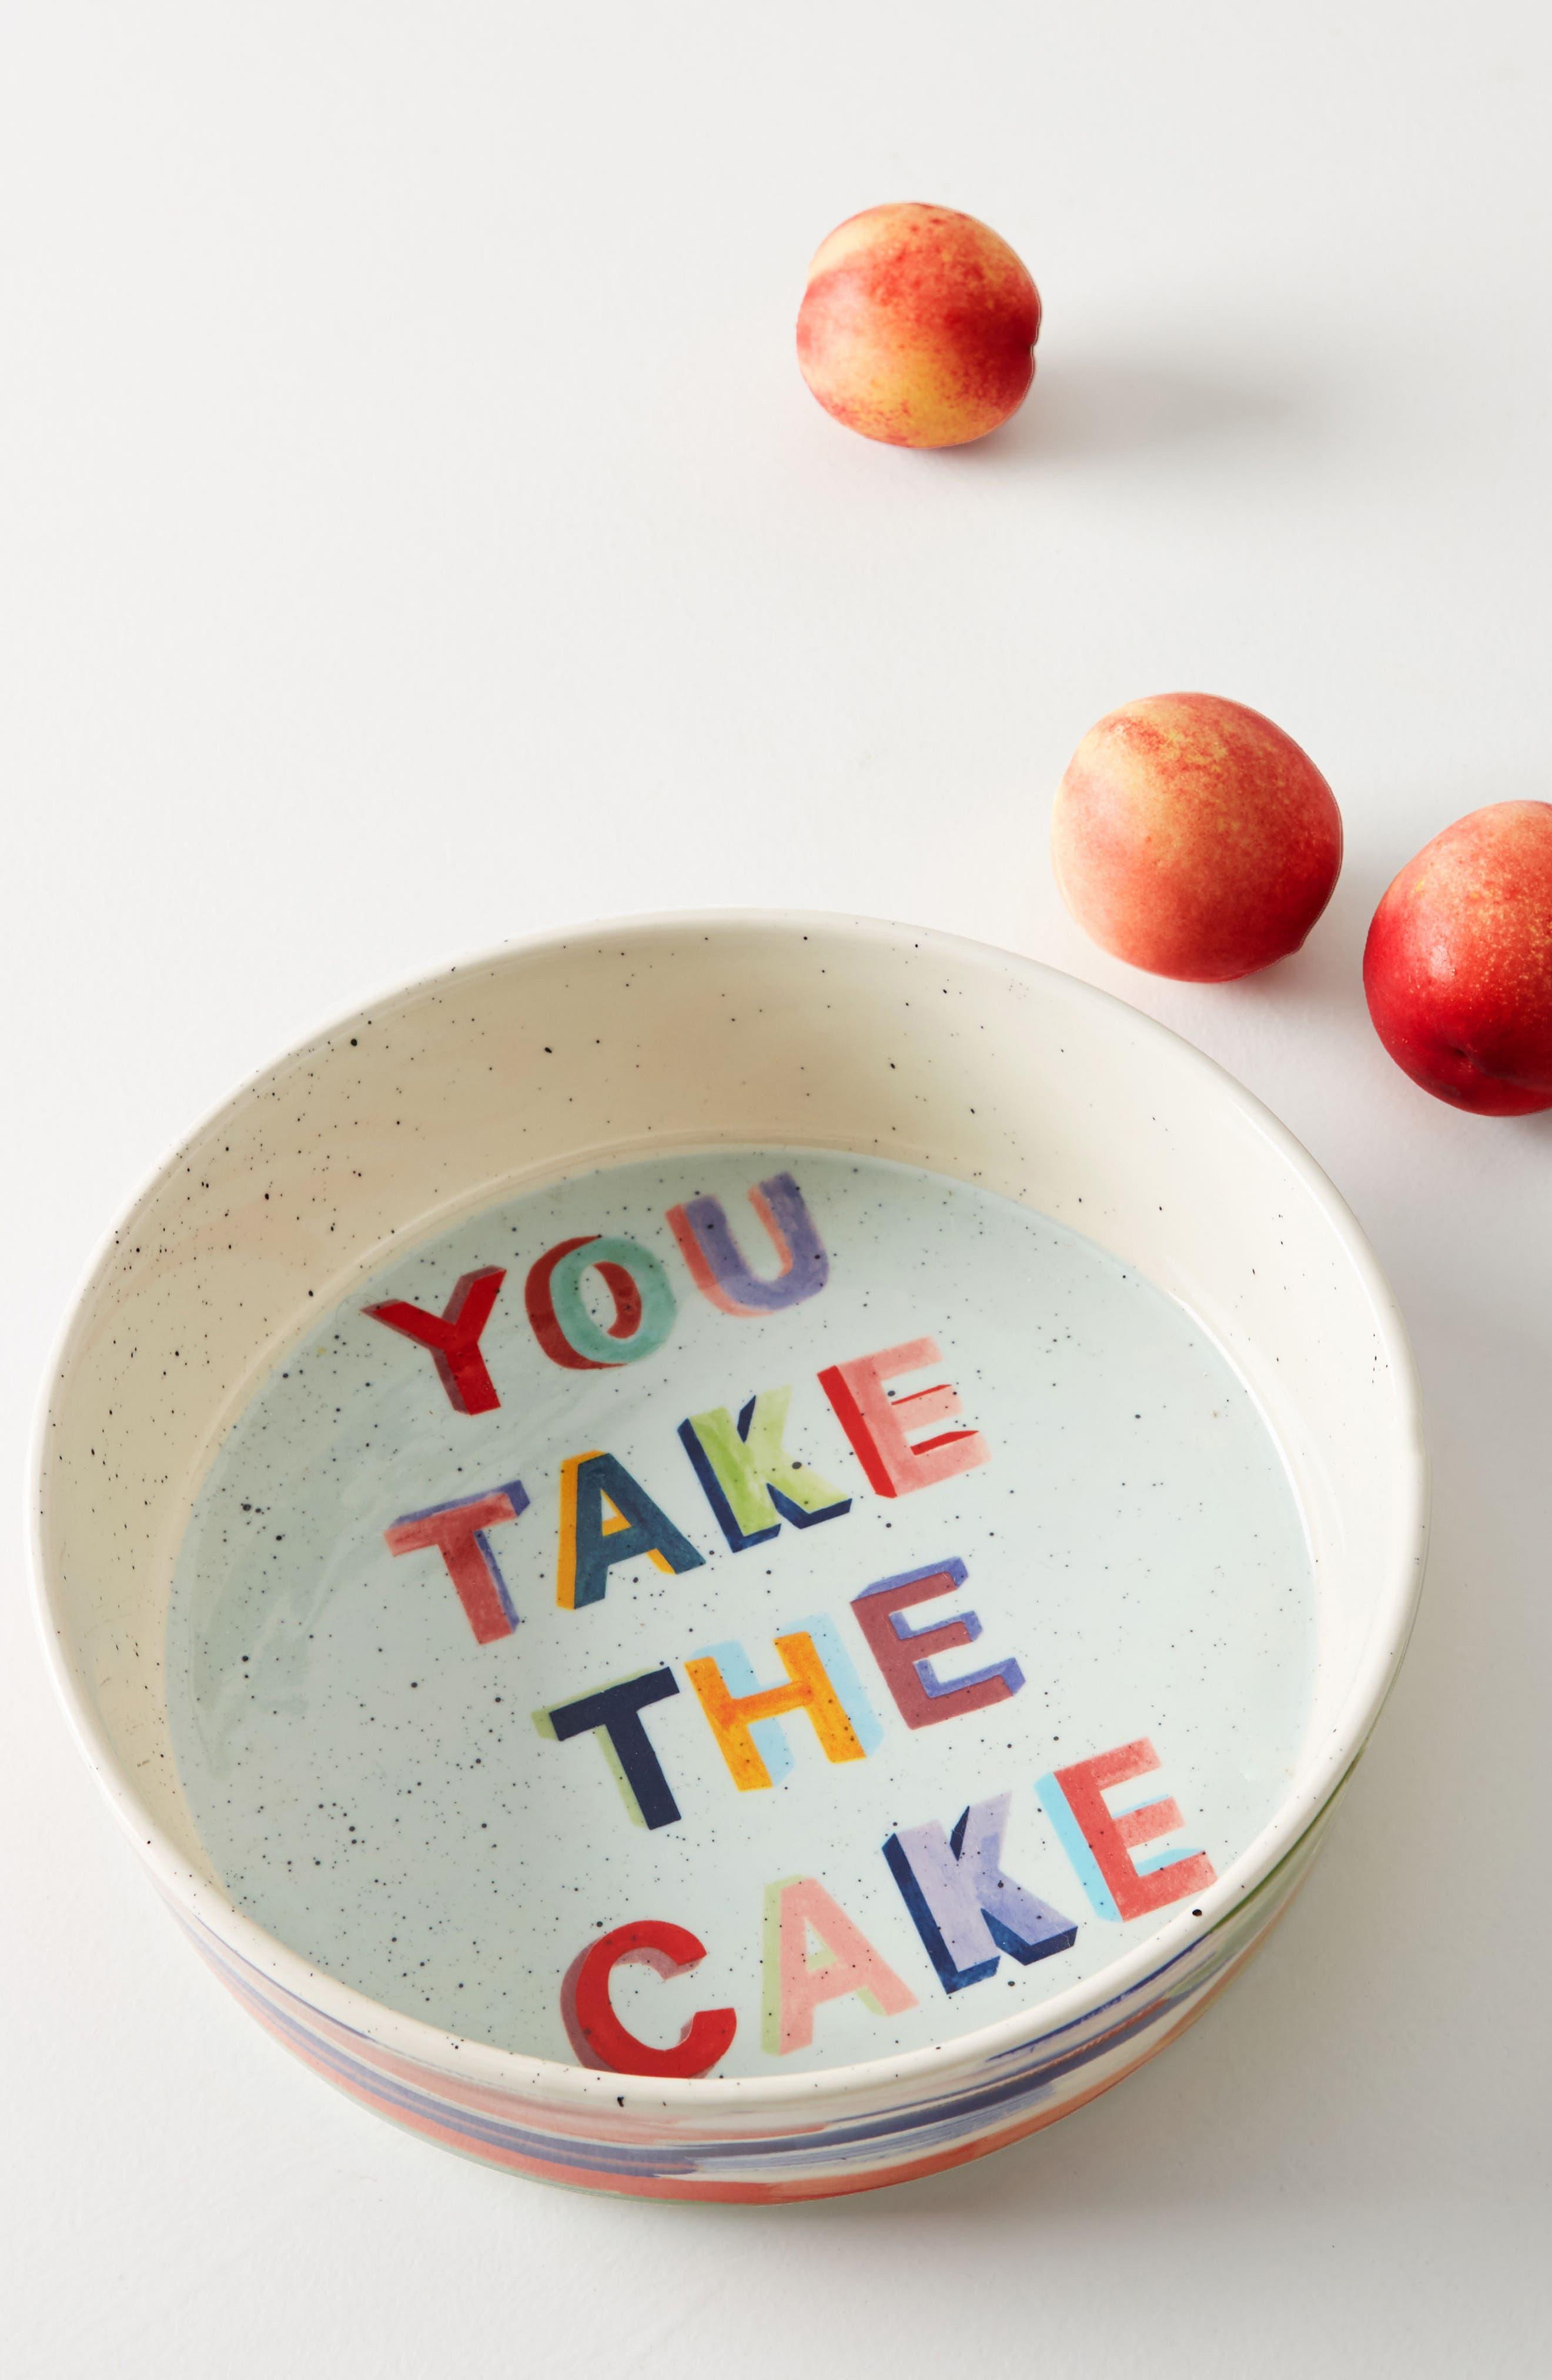 Painter's Palette Stoneware Pie Dish,                             Main thumbnail 1, color,                             White